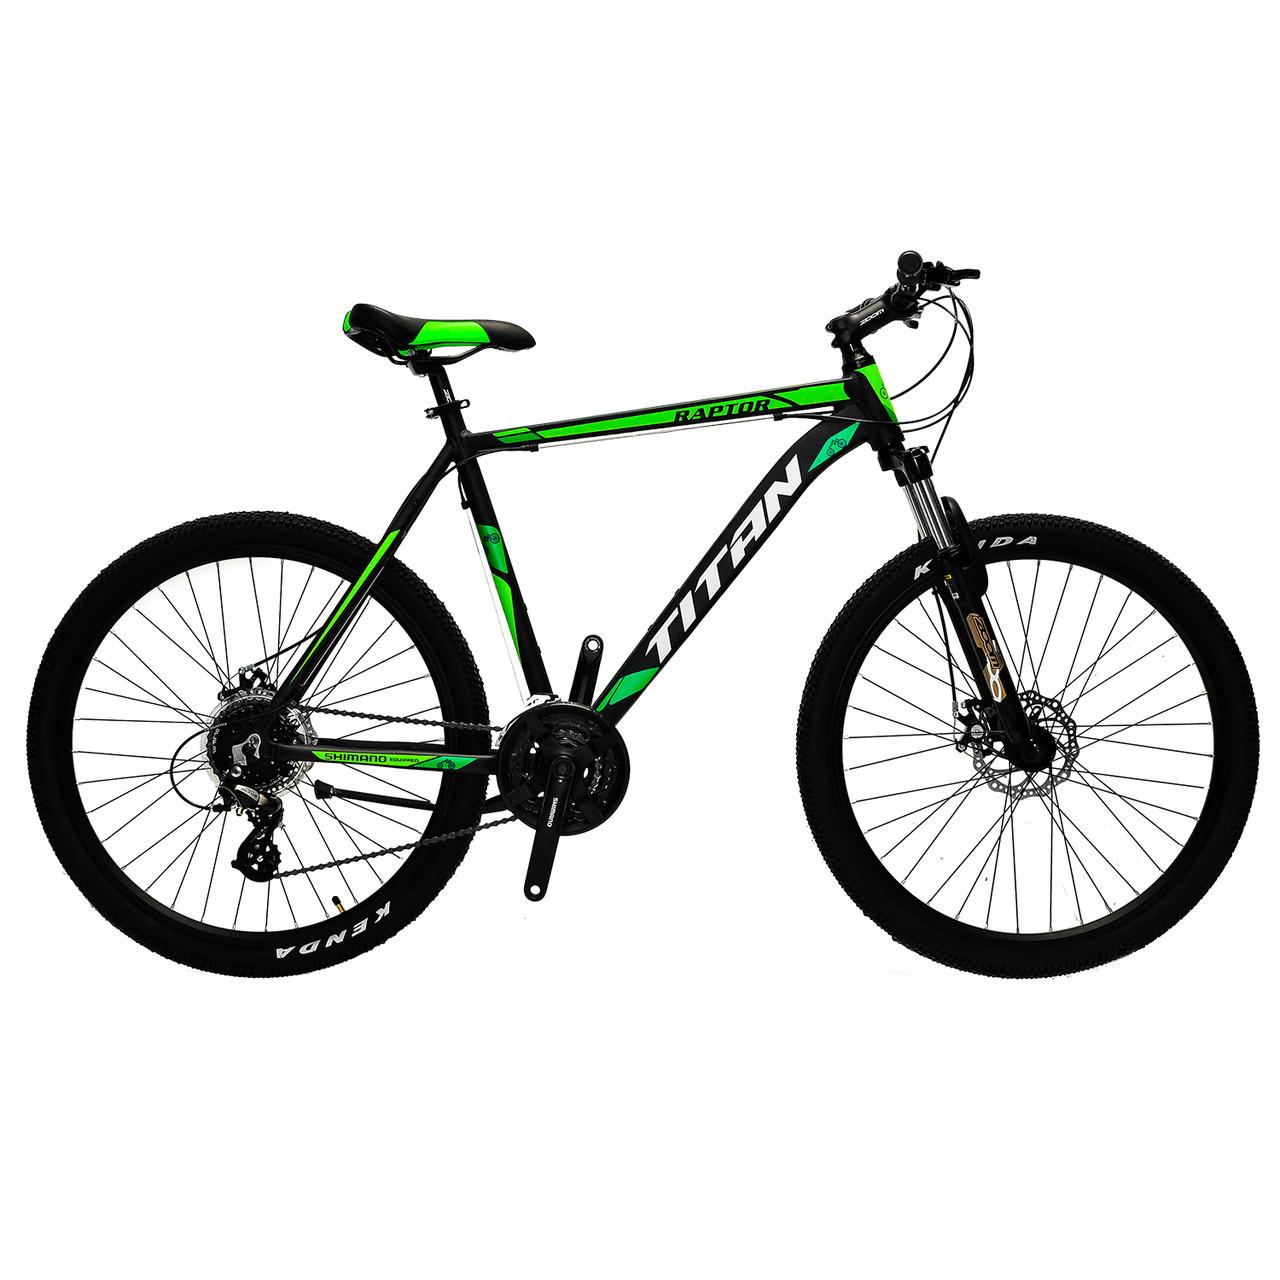 🚲Горный алюминиевый велосипед TITAN RAPTOR DD 2018 (Shimano, 24sp, Lockout); рама 21; колеса 26